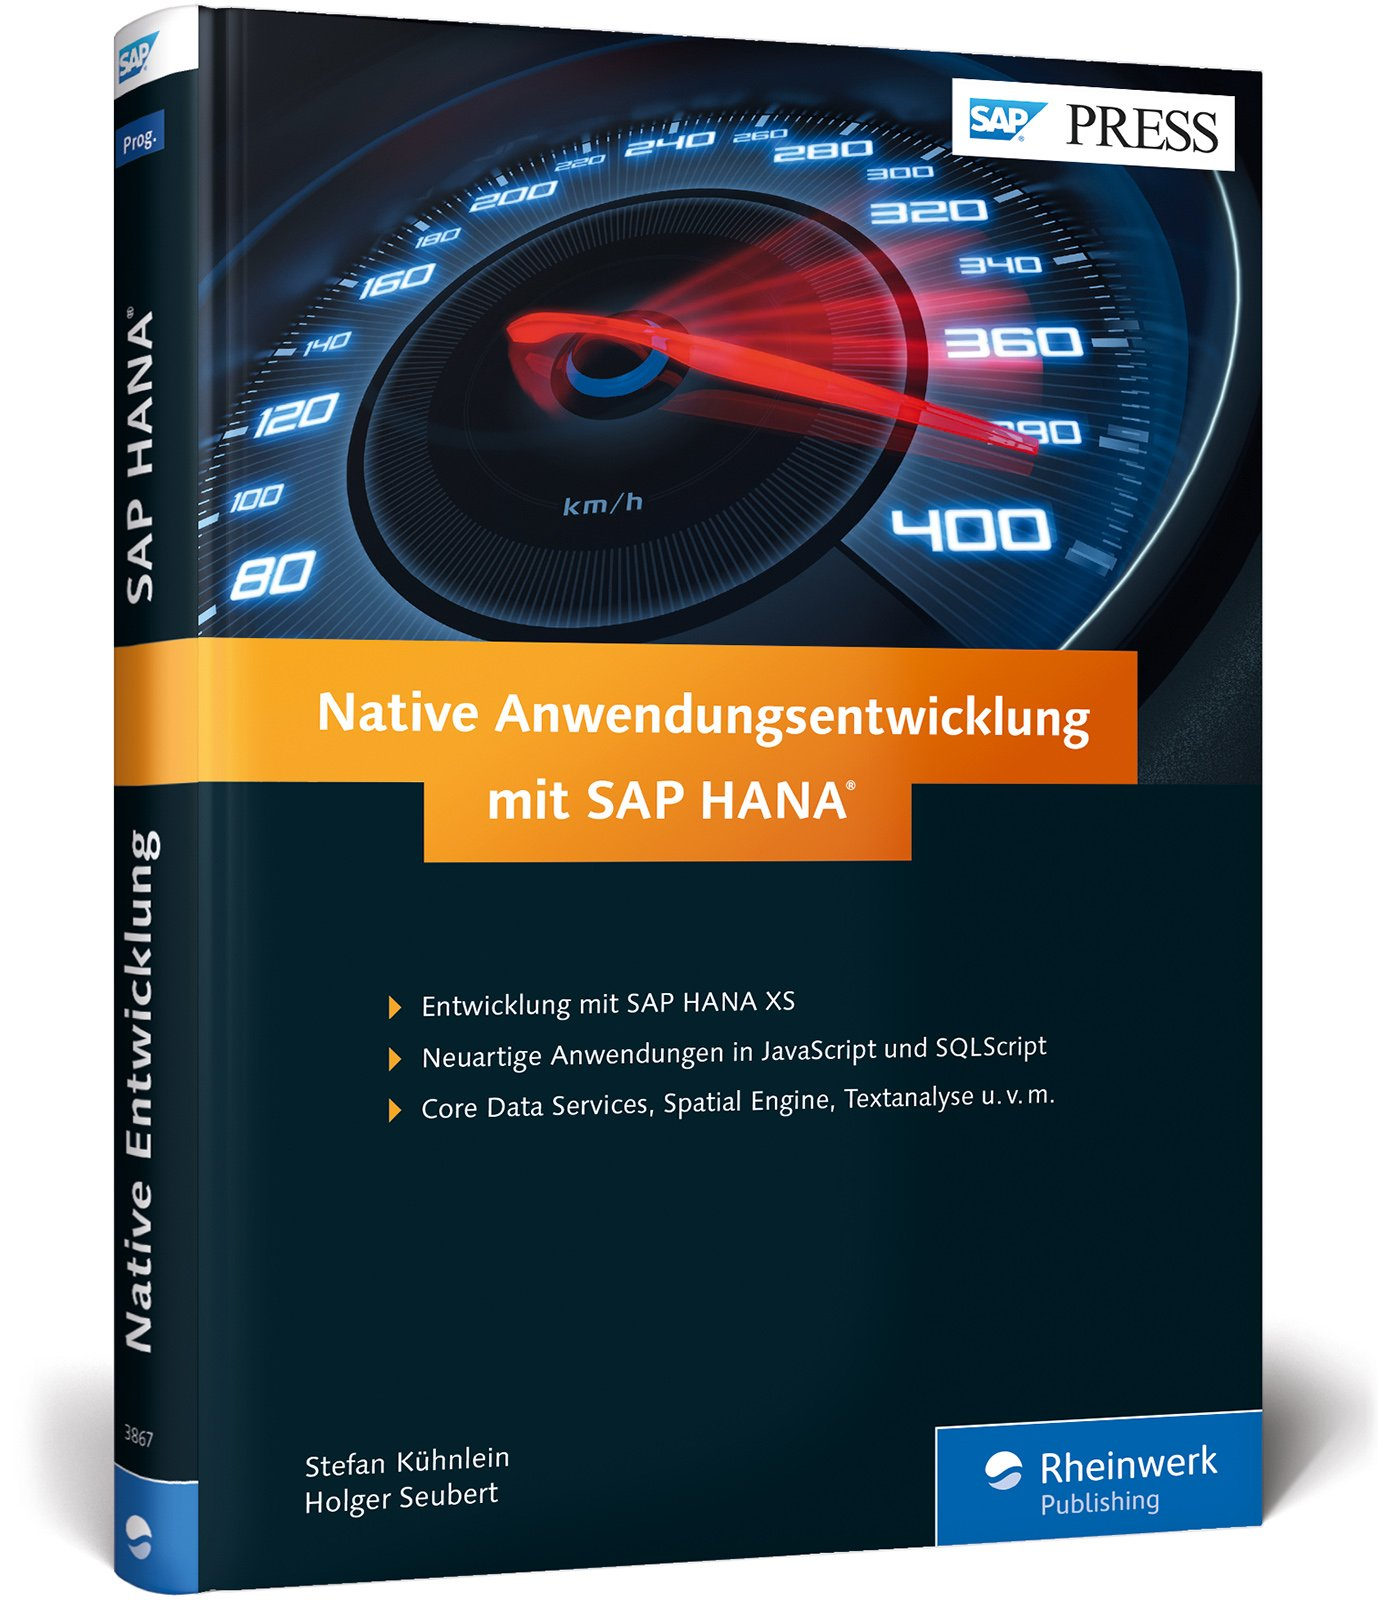 Native Entwicklung Mit SAP HANA  Echtzeitanwendungen Mit SAP HANA XS  SAP PRESS